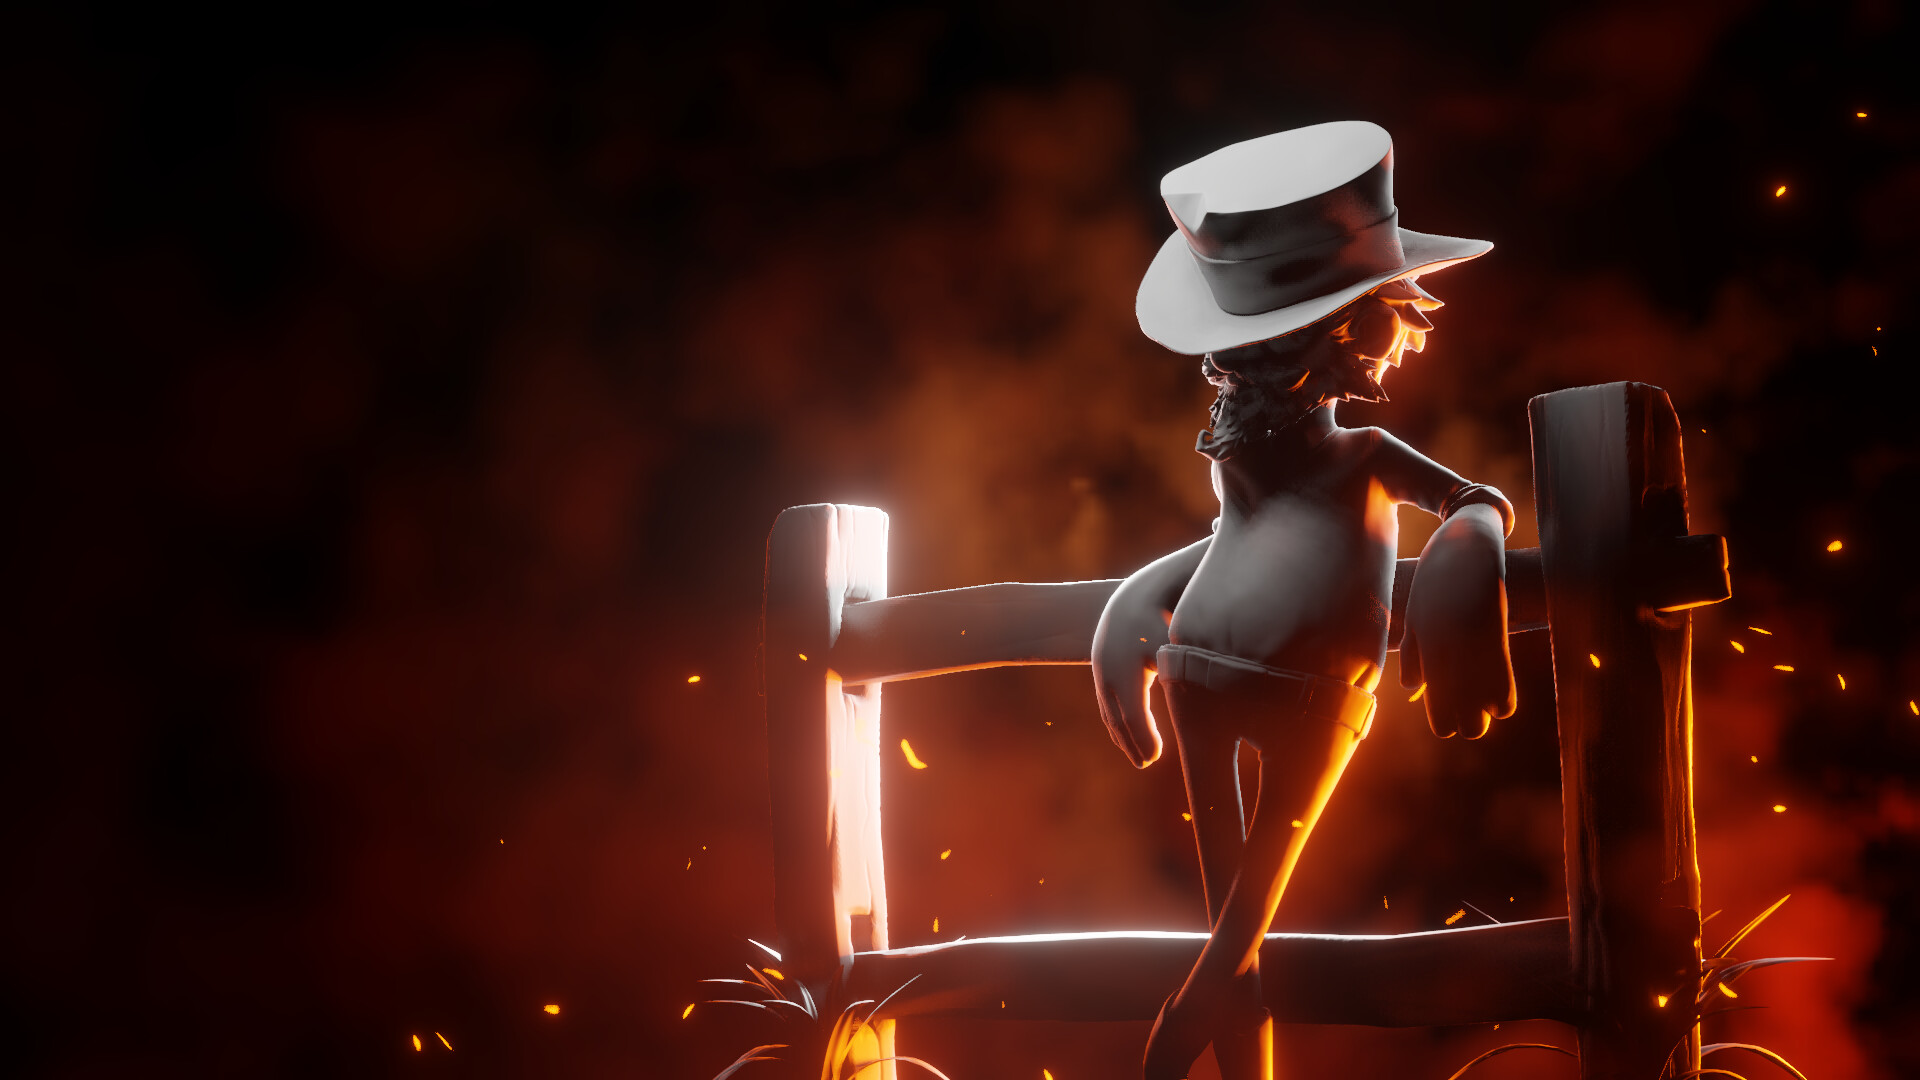 Eeeve render lighting exercise in Blender